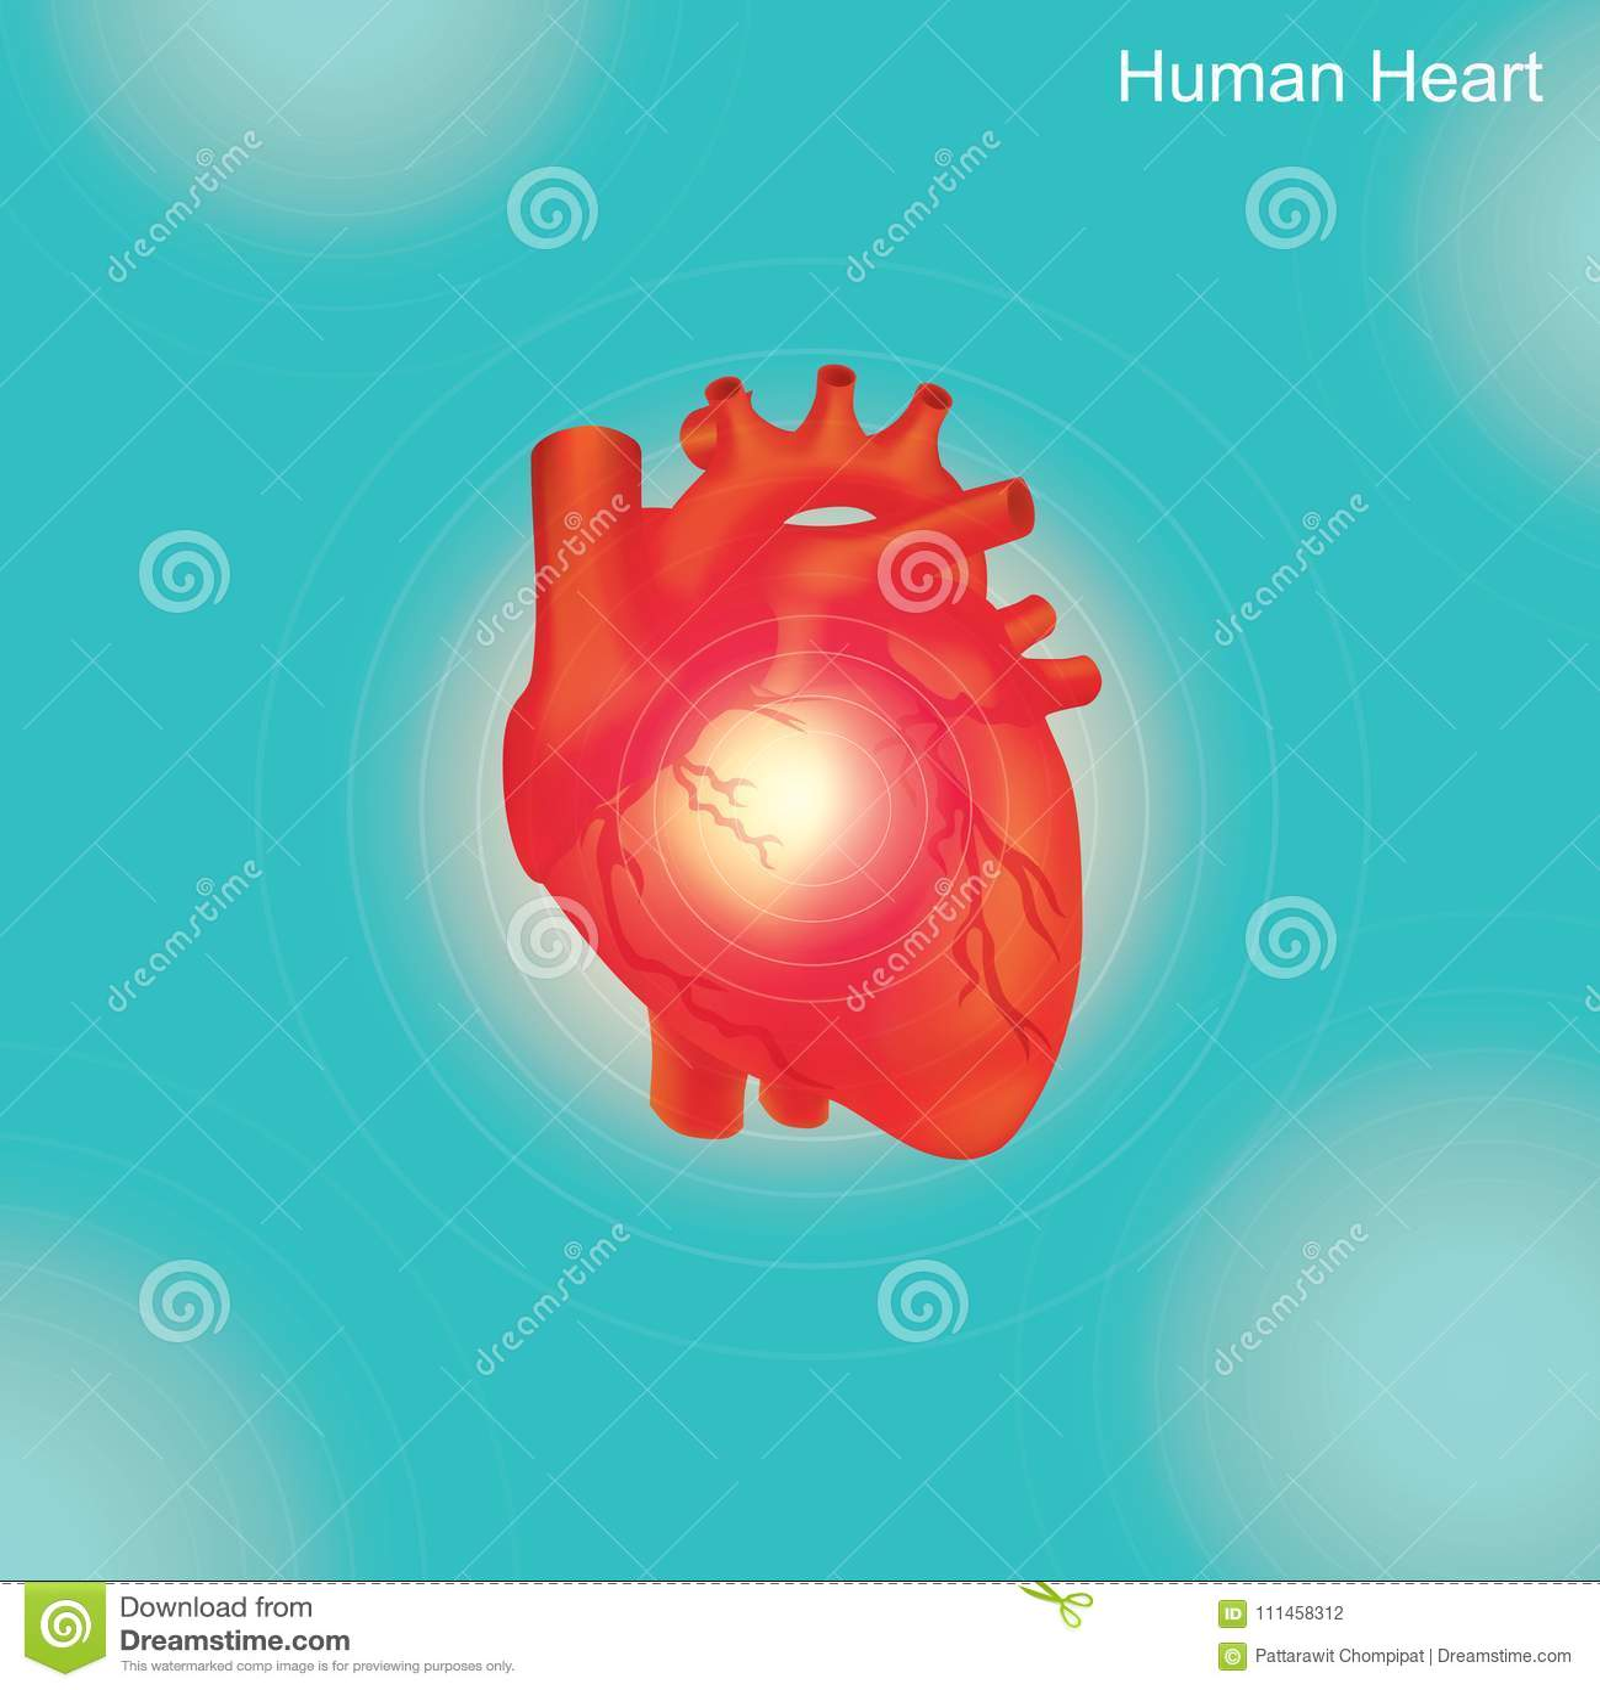 Menselijk hart Angioplasty is een endovascular procedure om versmald te verwijden of ob